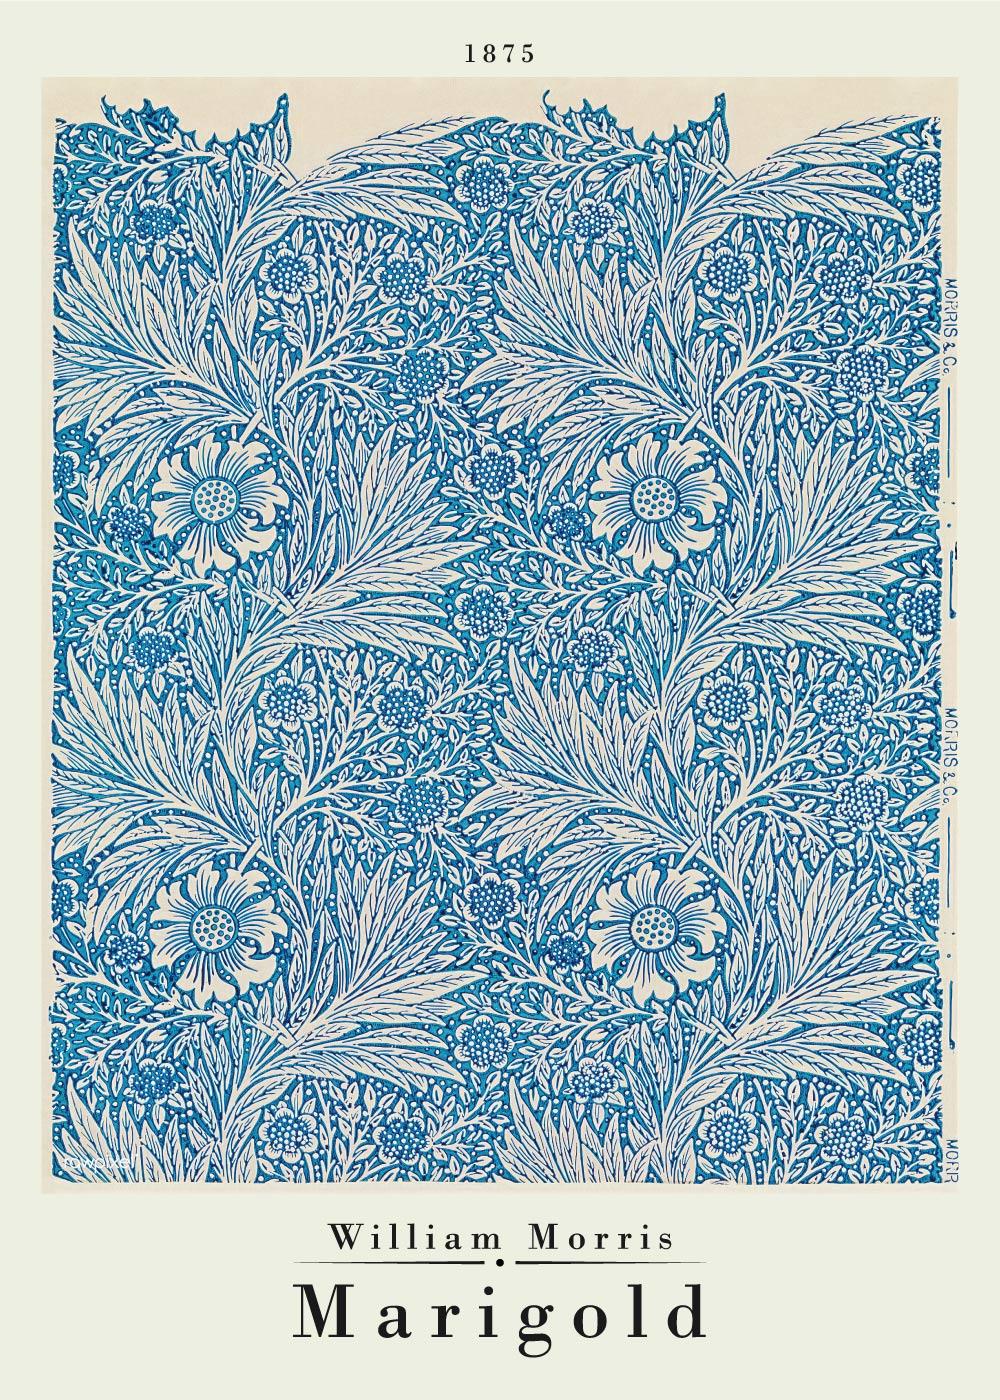 Billede af Marigold - William Morris kunstplakat